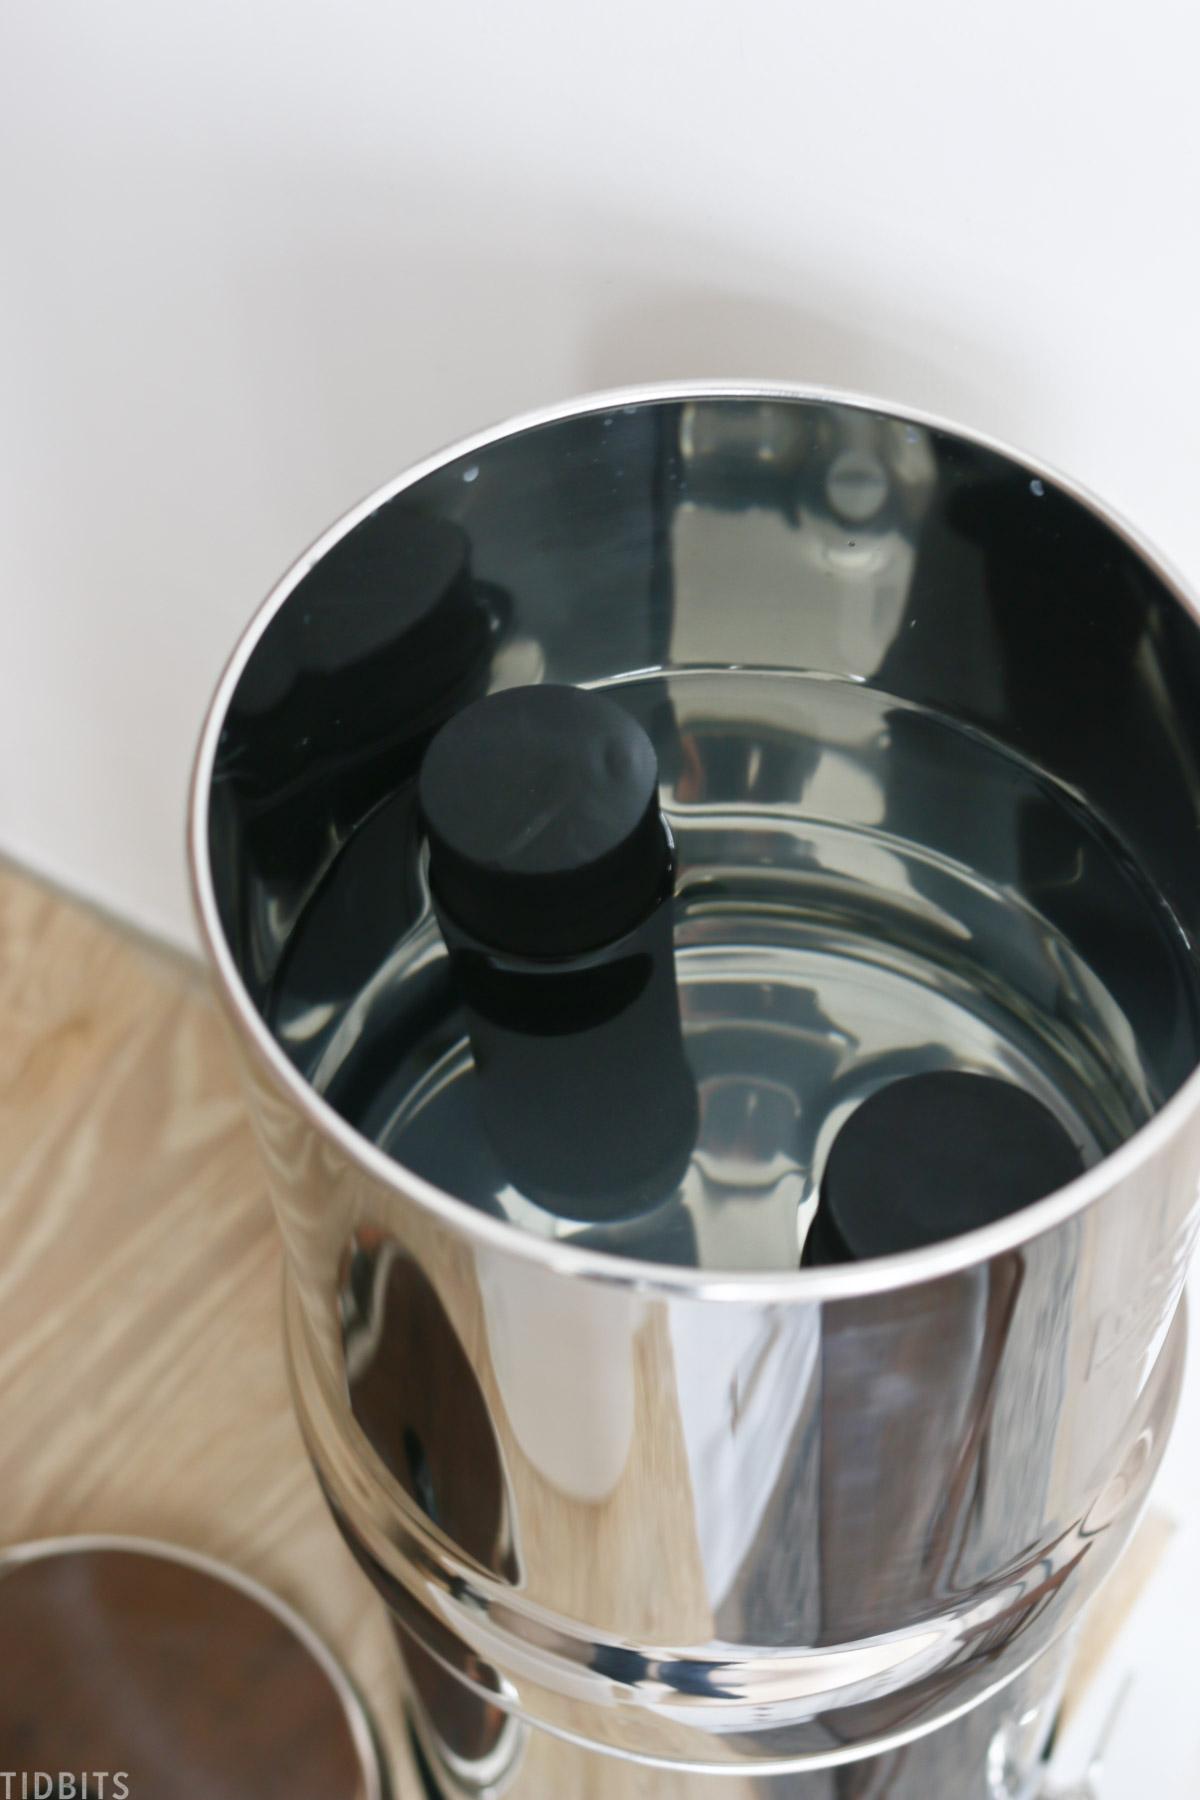 water inside of a Berkey water filter